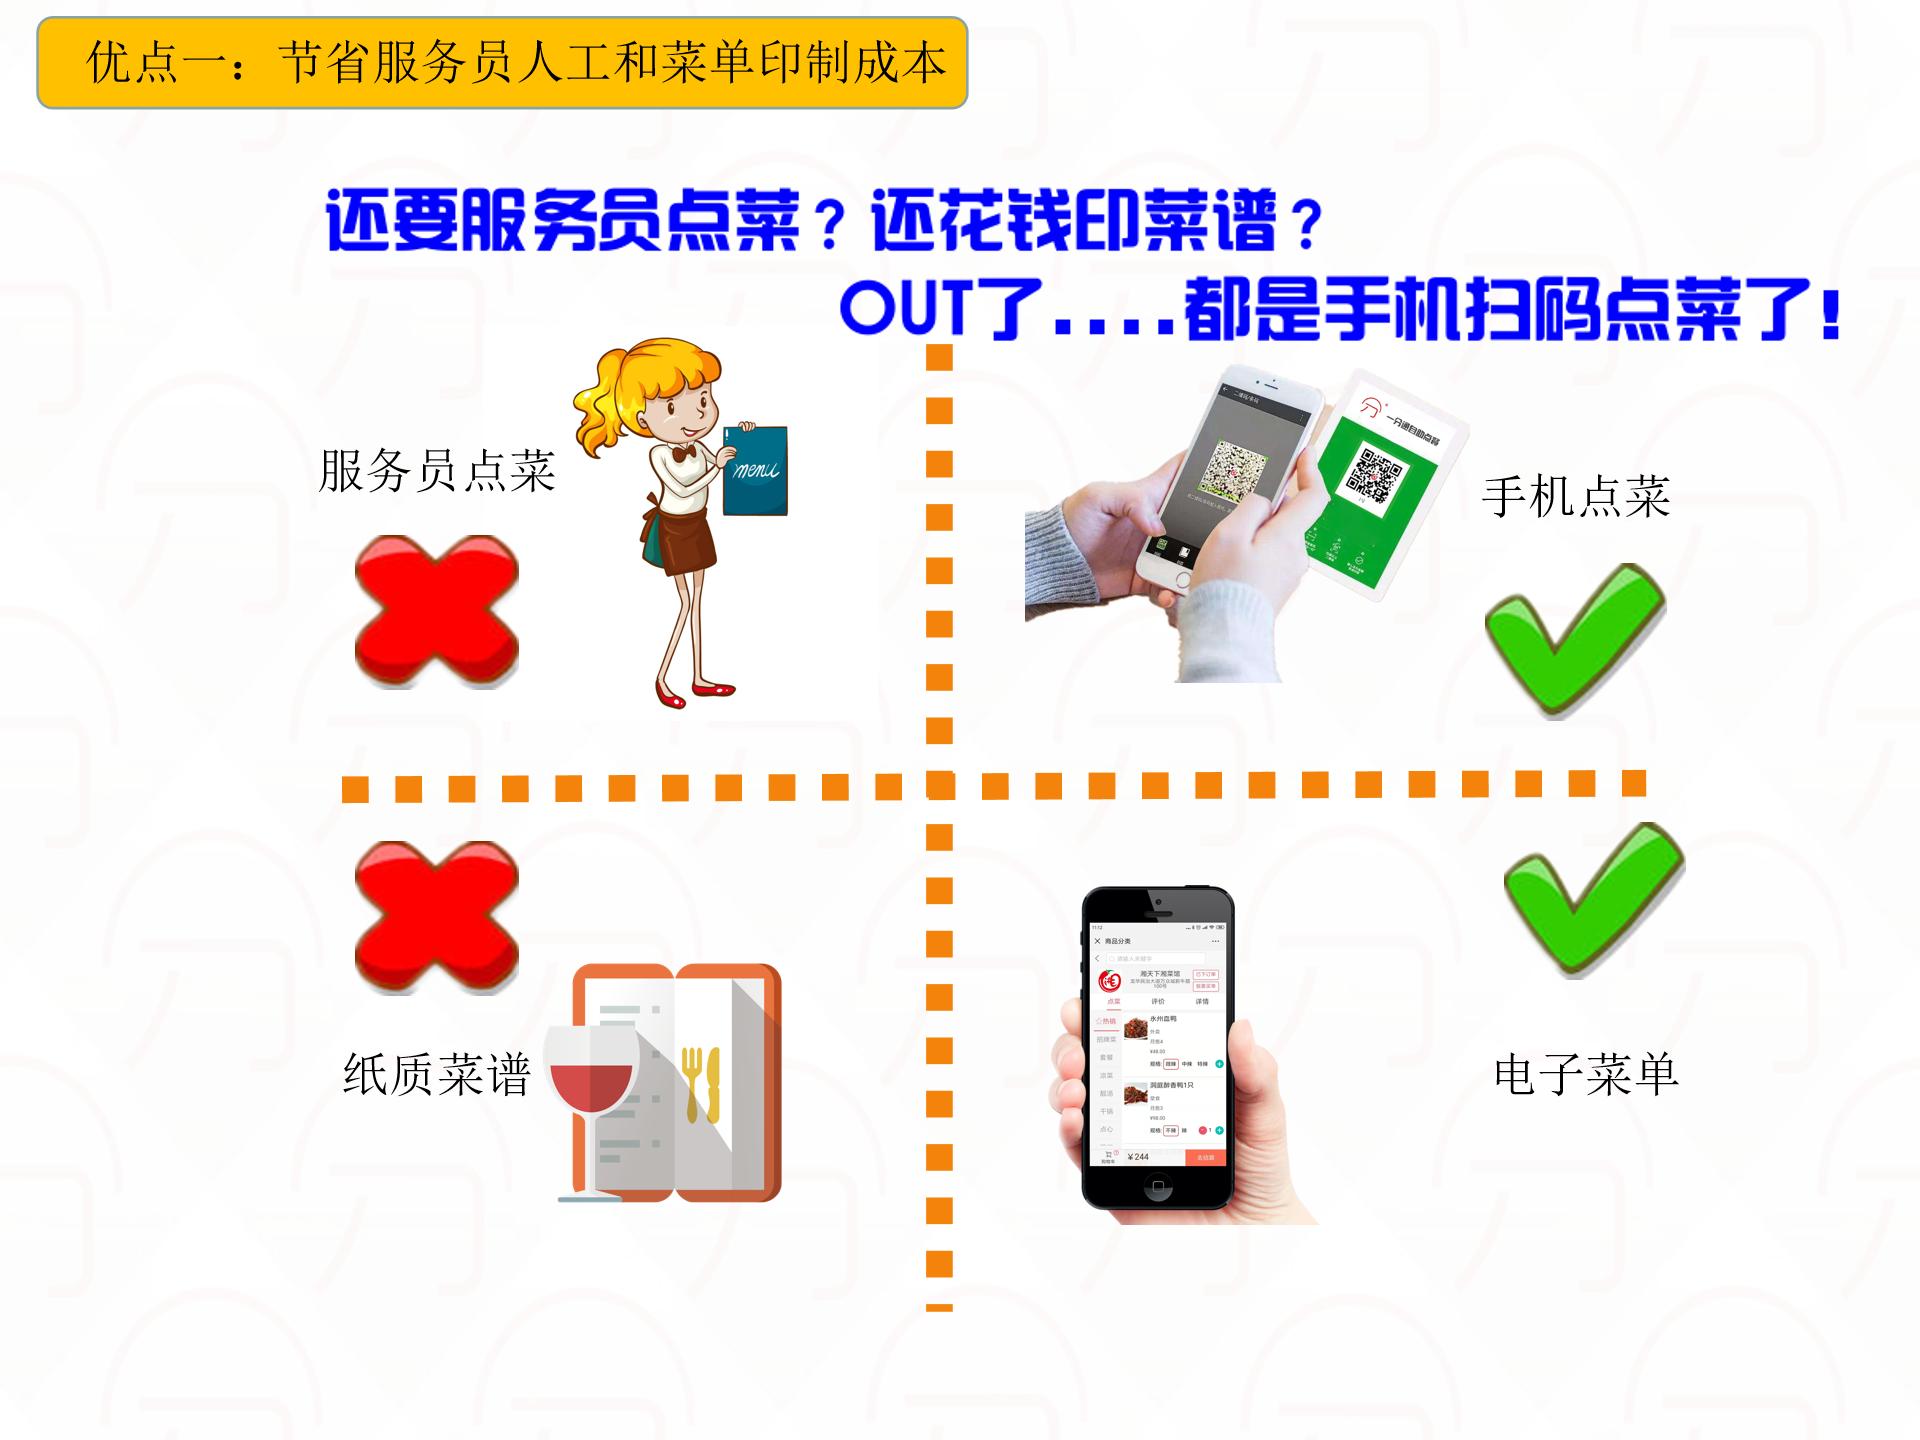 店手机扫码电子菜单自助点餐系统_扫码点餐电子菜单